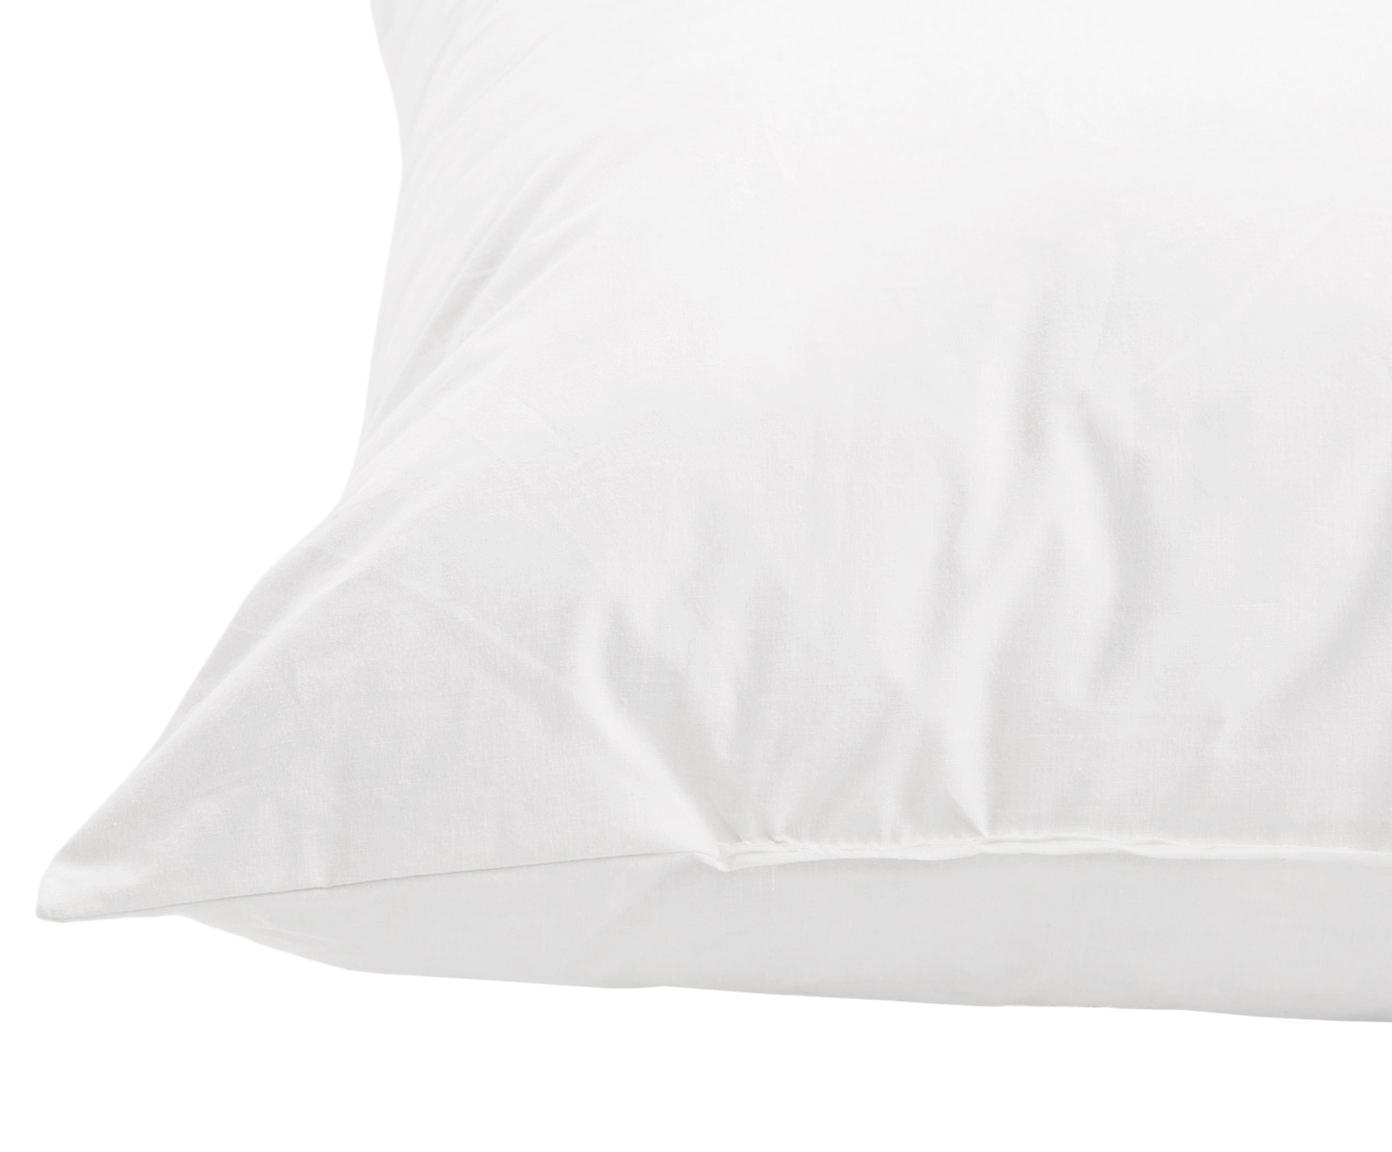 Wypełnienie poduszki dekoracyjnej Komfort, 40 x 40, Biały, S 40 x D 40 cm